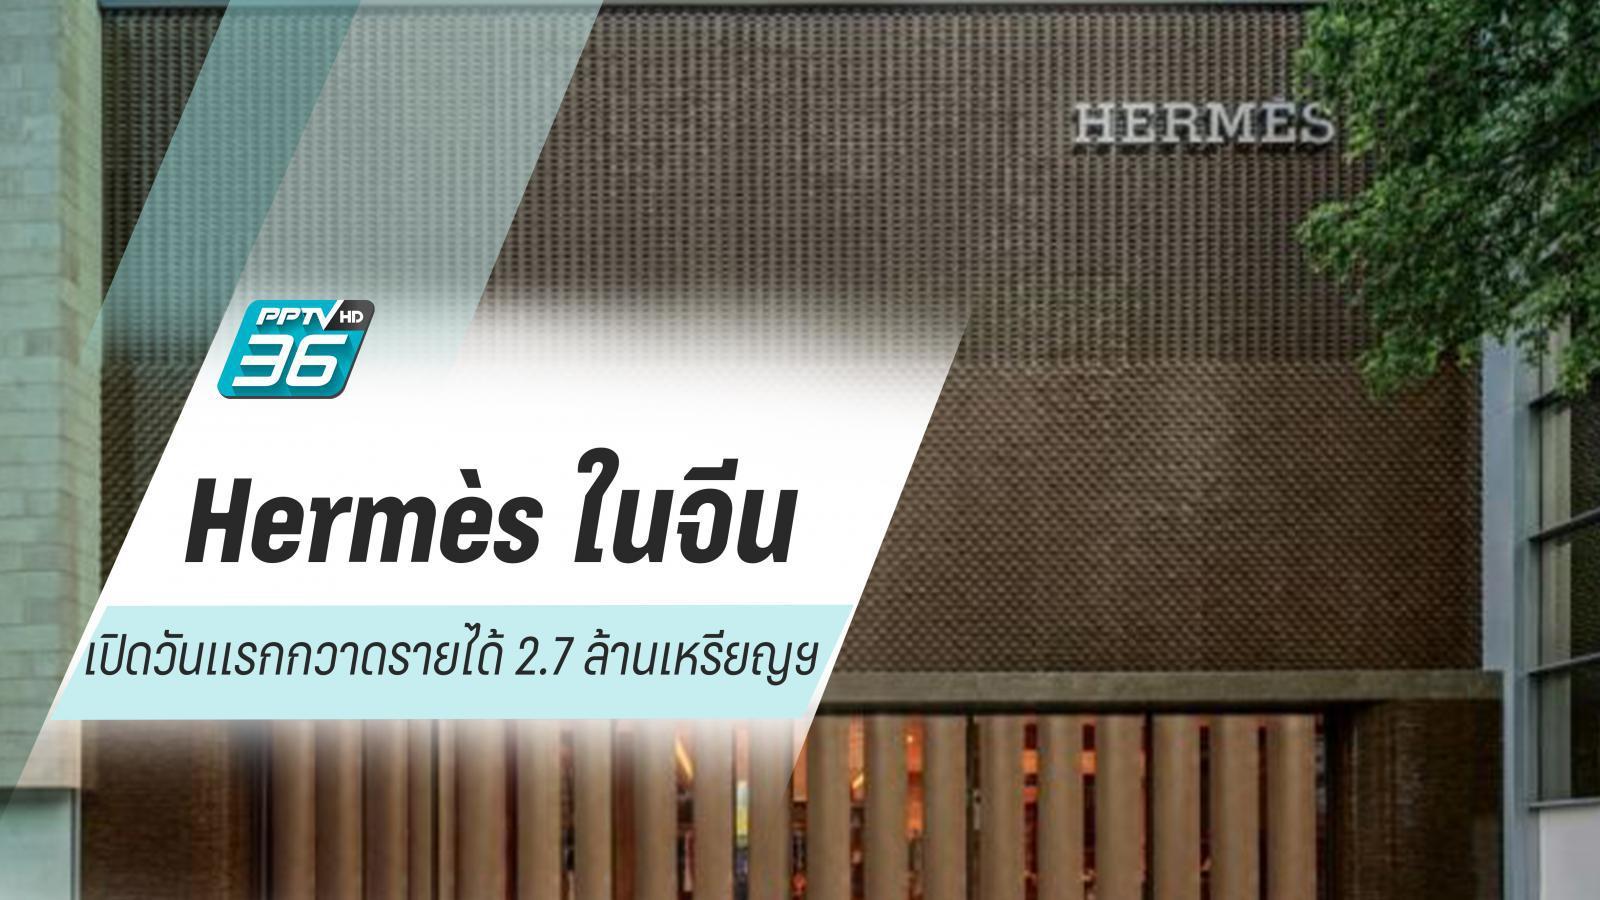 Hermès กวางโจ หลังโควิด-19 กวาดยอดขายวันแรก 2.7 ล้านเหรียญสหรัฐฯ